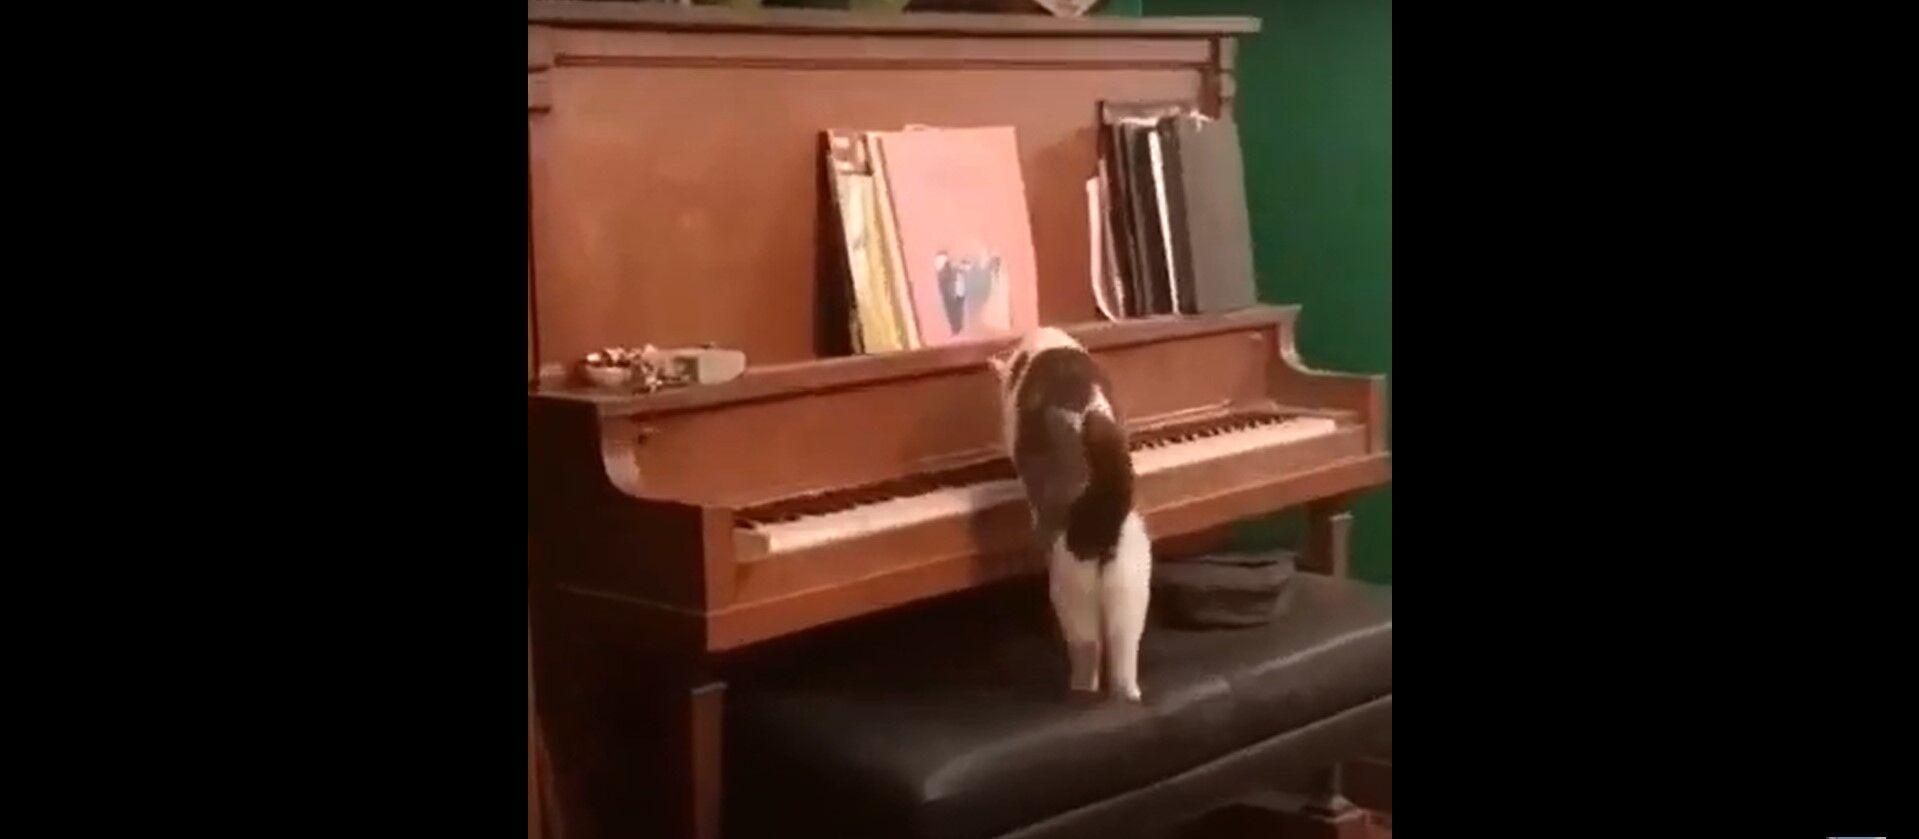 Кіт грає на піаніно.